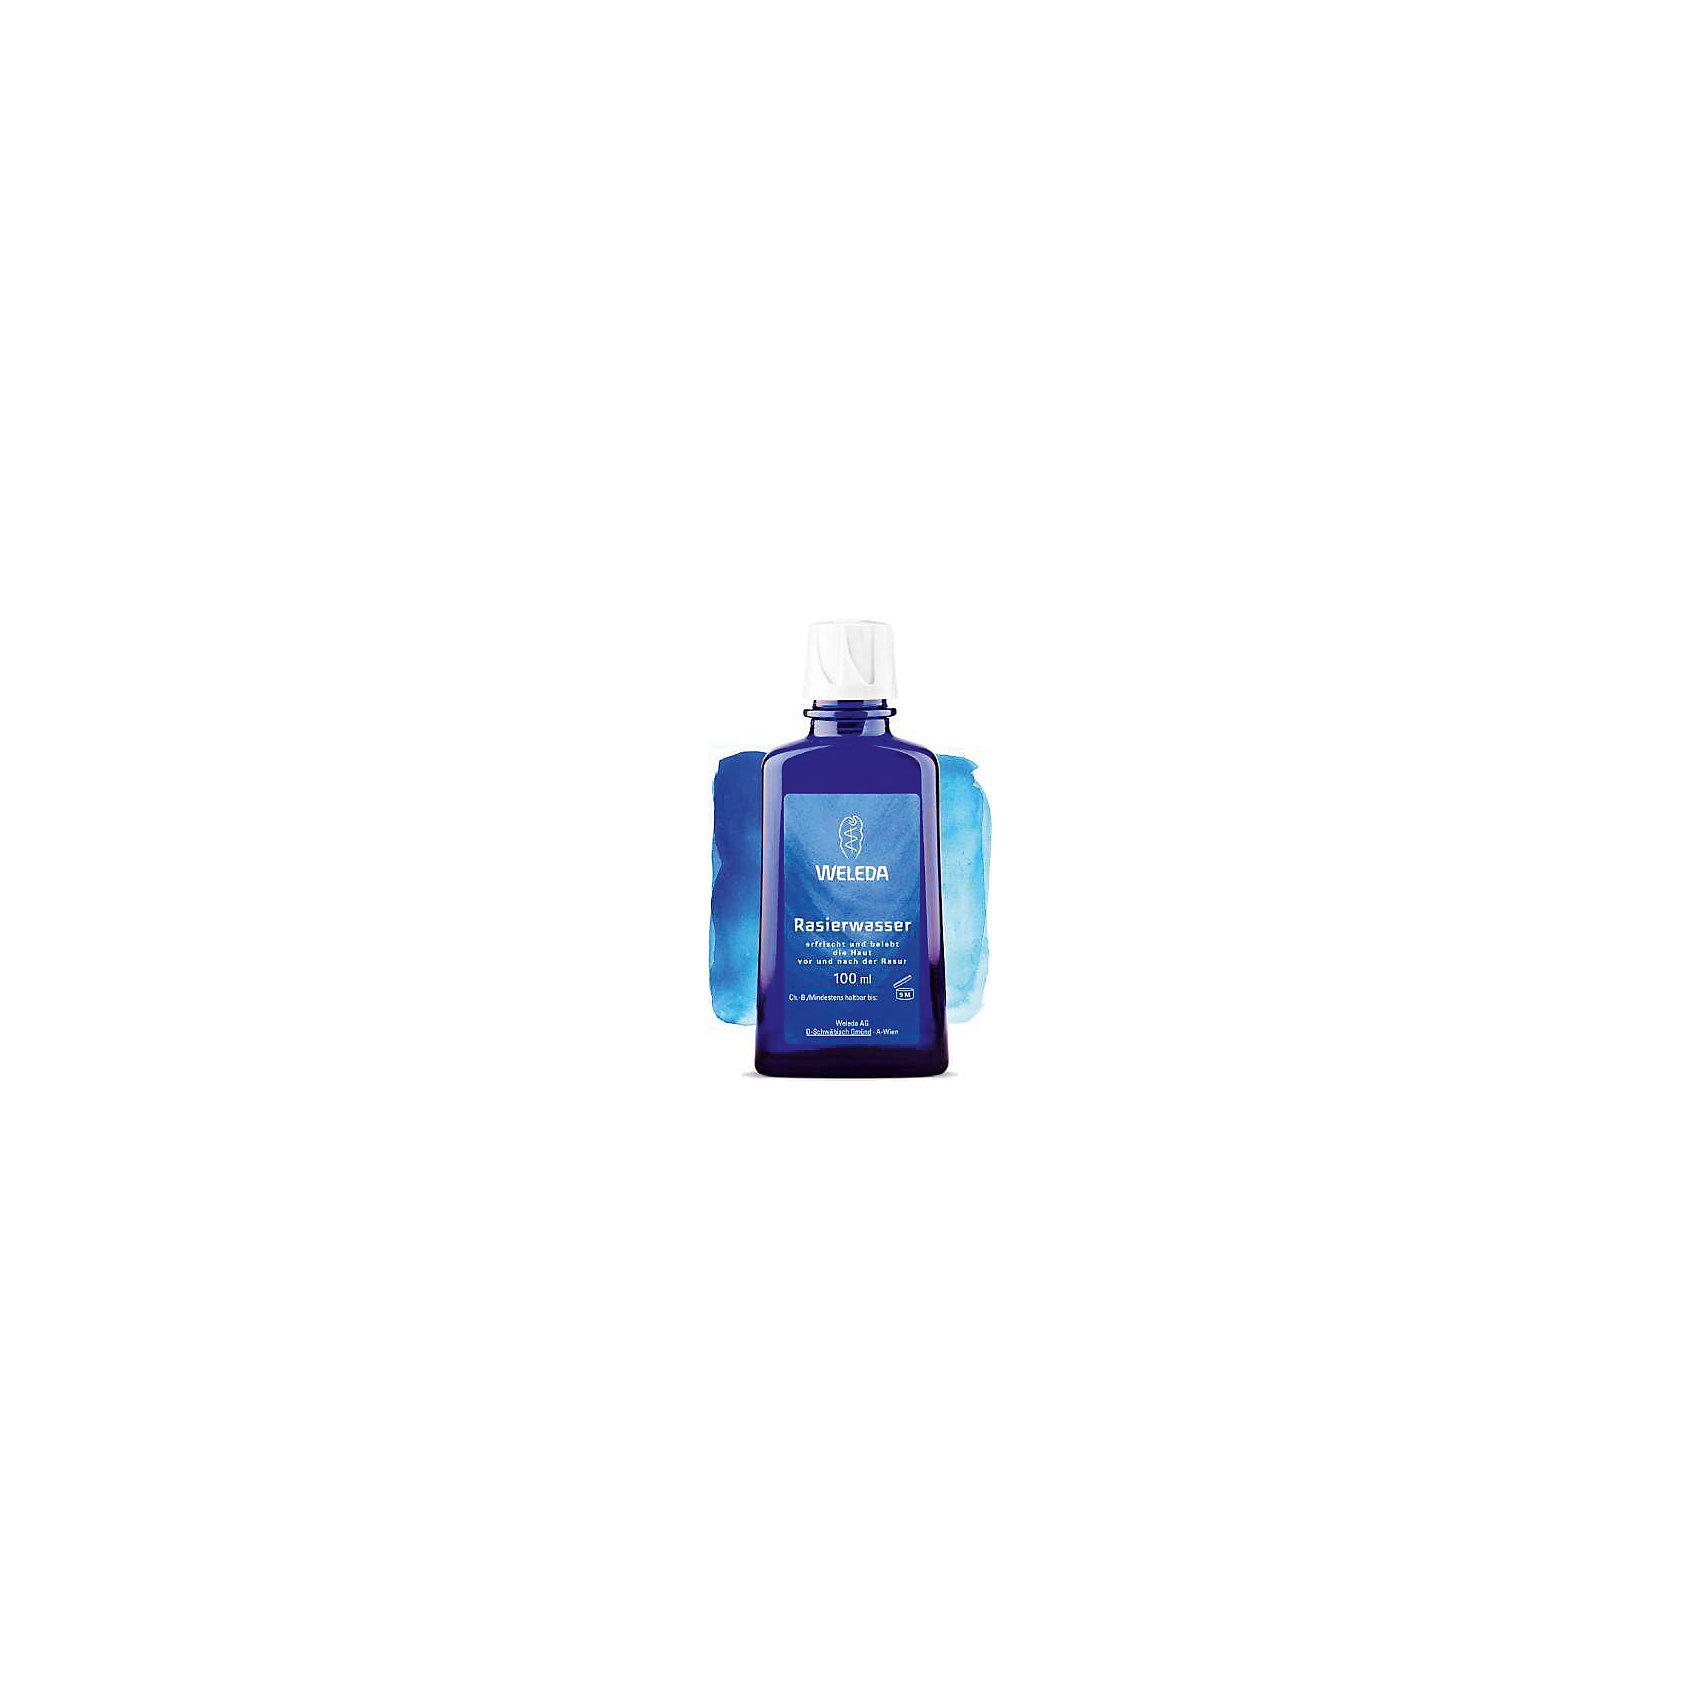 Лосьон до и после бритья 100мл, WeledaСредства для ухода<br>Лосьон до и после бритья 100мл, Weleda<br><br>Характеристики:<br><br>• объём: 100 мл.<br>• особенности: ухаживает и защищает<br>• состав: вода, дистиллят гамамелиса ароматическая композиция из натуральных эфирных масел, экстракт мирры, фарнезол*, цитраль*, лимонен*, гераниол*, линалоол*, (*на основе концентрата натуральных масел)<br>• для мужчин<br>• страна производитель: Германия<br><br>Более 75 лет швейцарская компания натуральной косметики Weleda (Веледа) заботится о малышах, будущих мамах и папах, а также природе. Инновационный лосьон для бриться и после бритья призван защищать кожу лица и ухаживать за ней, обеспечивая каждый раз качественное и щадящее бритьё. Формула лосьона, благодаря входящим в её состав натуральным компонентам обладает смягчающим и антисептическим эффектом. Лосьон подходит для использования при сухом бритье, помогая распрямлять щетину, просто нанесите его перед бритьём и дайте подсохнуть. <br><br>Лосьон обладает антисептическими компонентами, которые помогают при порезах. Природные компоненты состава крема не провоцируют аллергию, формула проверена дерматологами и не провоцирует раздражения. После завершения бриться вы можете воспользоваться другими средствами из серии для мужчин Weleda (Веледа). Лосьон подходит для любого типа кожи. Ощутите бережную заботу с лосьоном от Weleda (Веледа)!<br><br>Лосьон до и после бритья 100мл, Weleda можно купить в нашем интернет-магазине.<br><br>Ширина мм: 250<br>Глубина мм: 100<br>Высота мм: 250<br>Вес г: 100<br>Возраст от месяцев: 216<br>Возраст до месяцев: 1188<br>Пол: Мужской<br>Возраст: Детский<br>SKU: 5414504